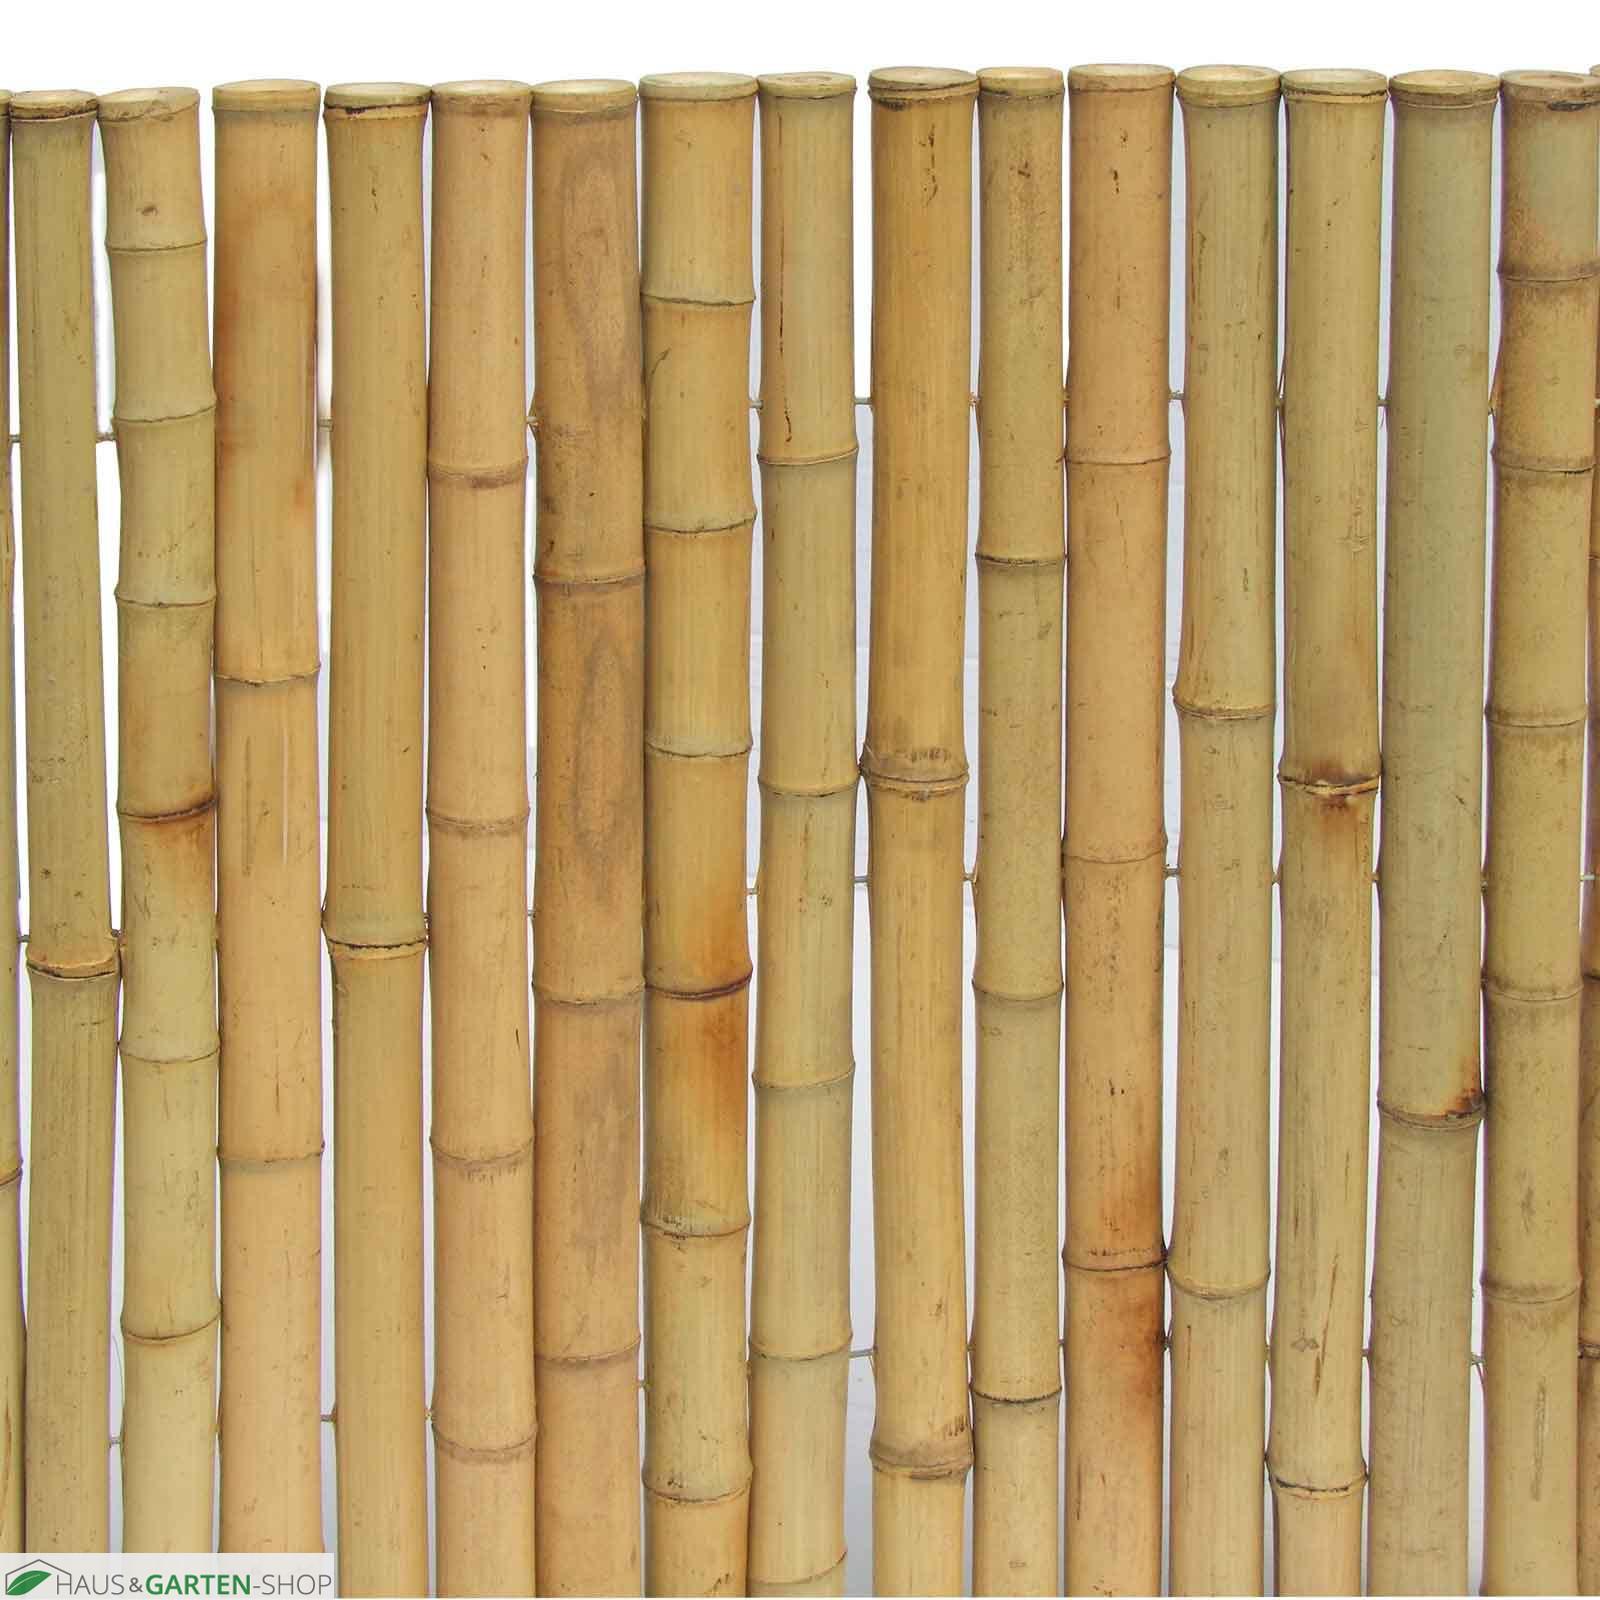 Full Size of Trennwand Garten Holz Abtrennwand Exclusive Sichtschutzmatte Aus Bambus Naturfarbend Optik Loungemöbel Bewässerung Pool Im Bauen Kräutergarten Küche Wohnzimmer Abtrennwand Garten